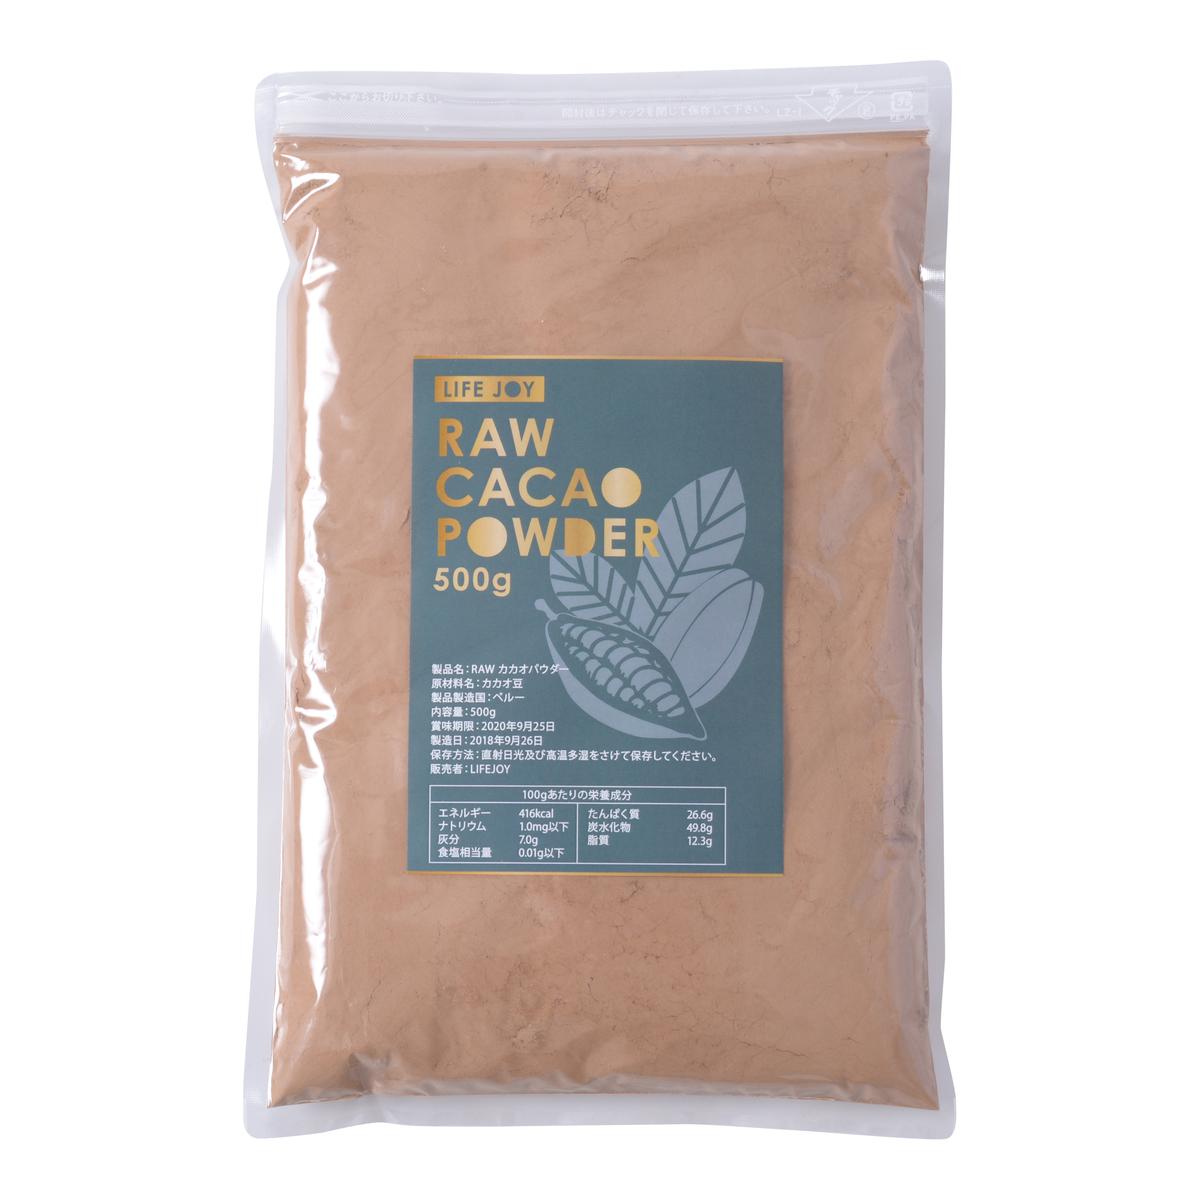 お得セット 有機認証 カカオ豆100% 使用 送料無料 おすすめ特集 高品質 Seasonal Wrap入荷 非アルカリ処理 000g 1 45℃以下の低温加工品 ローカカオパウダー